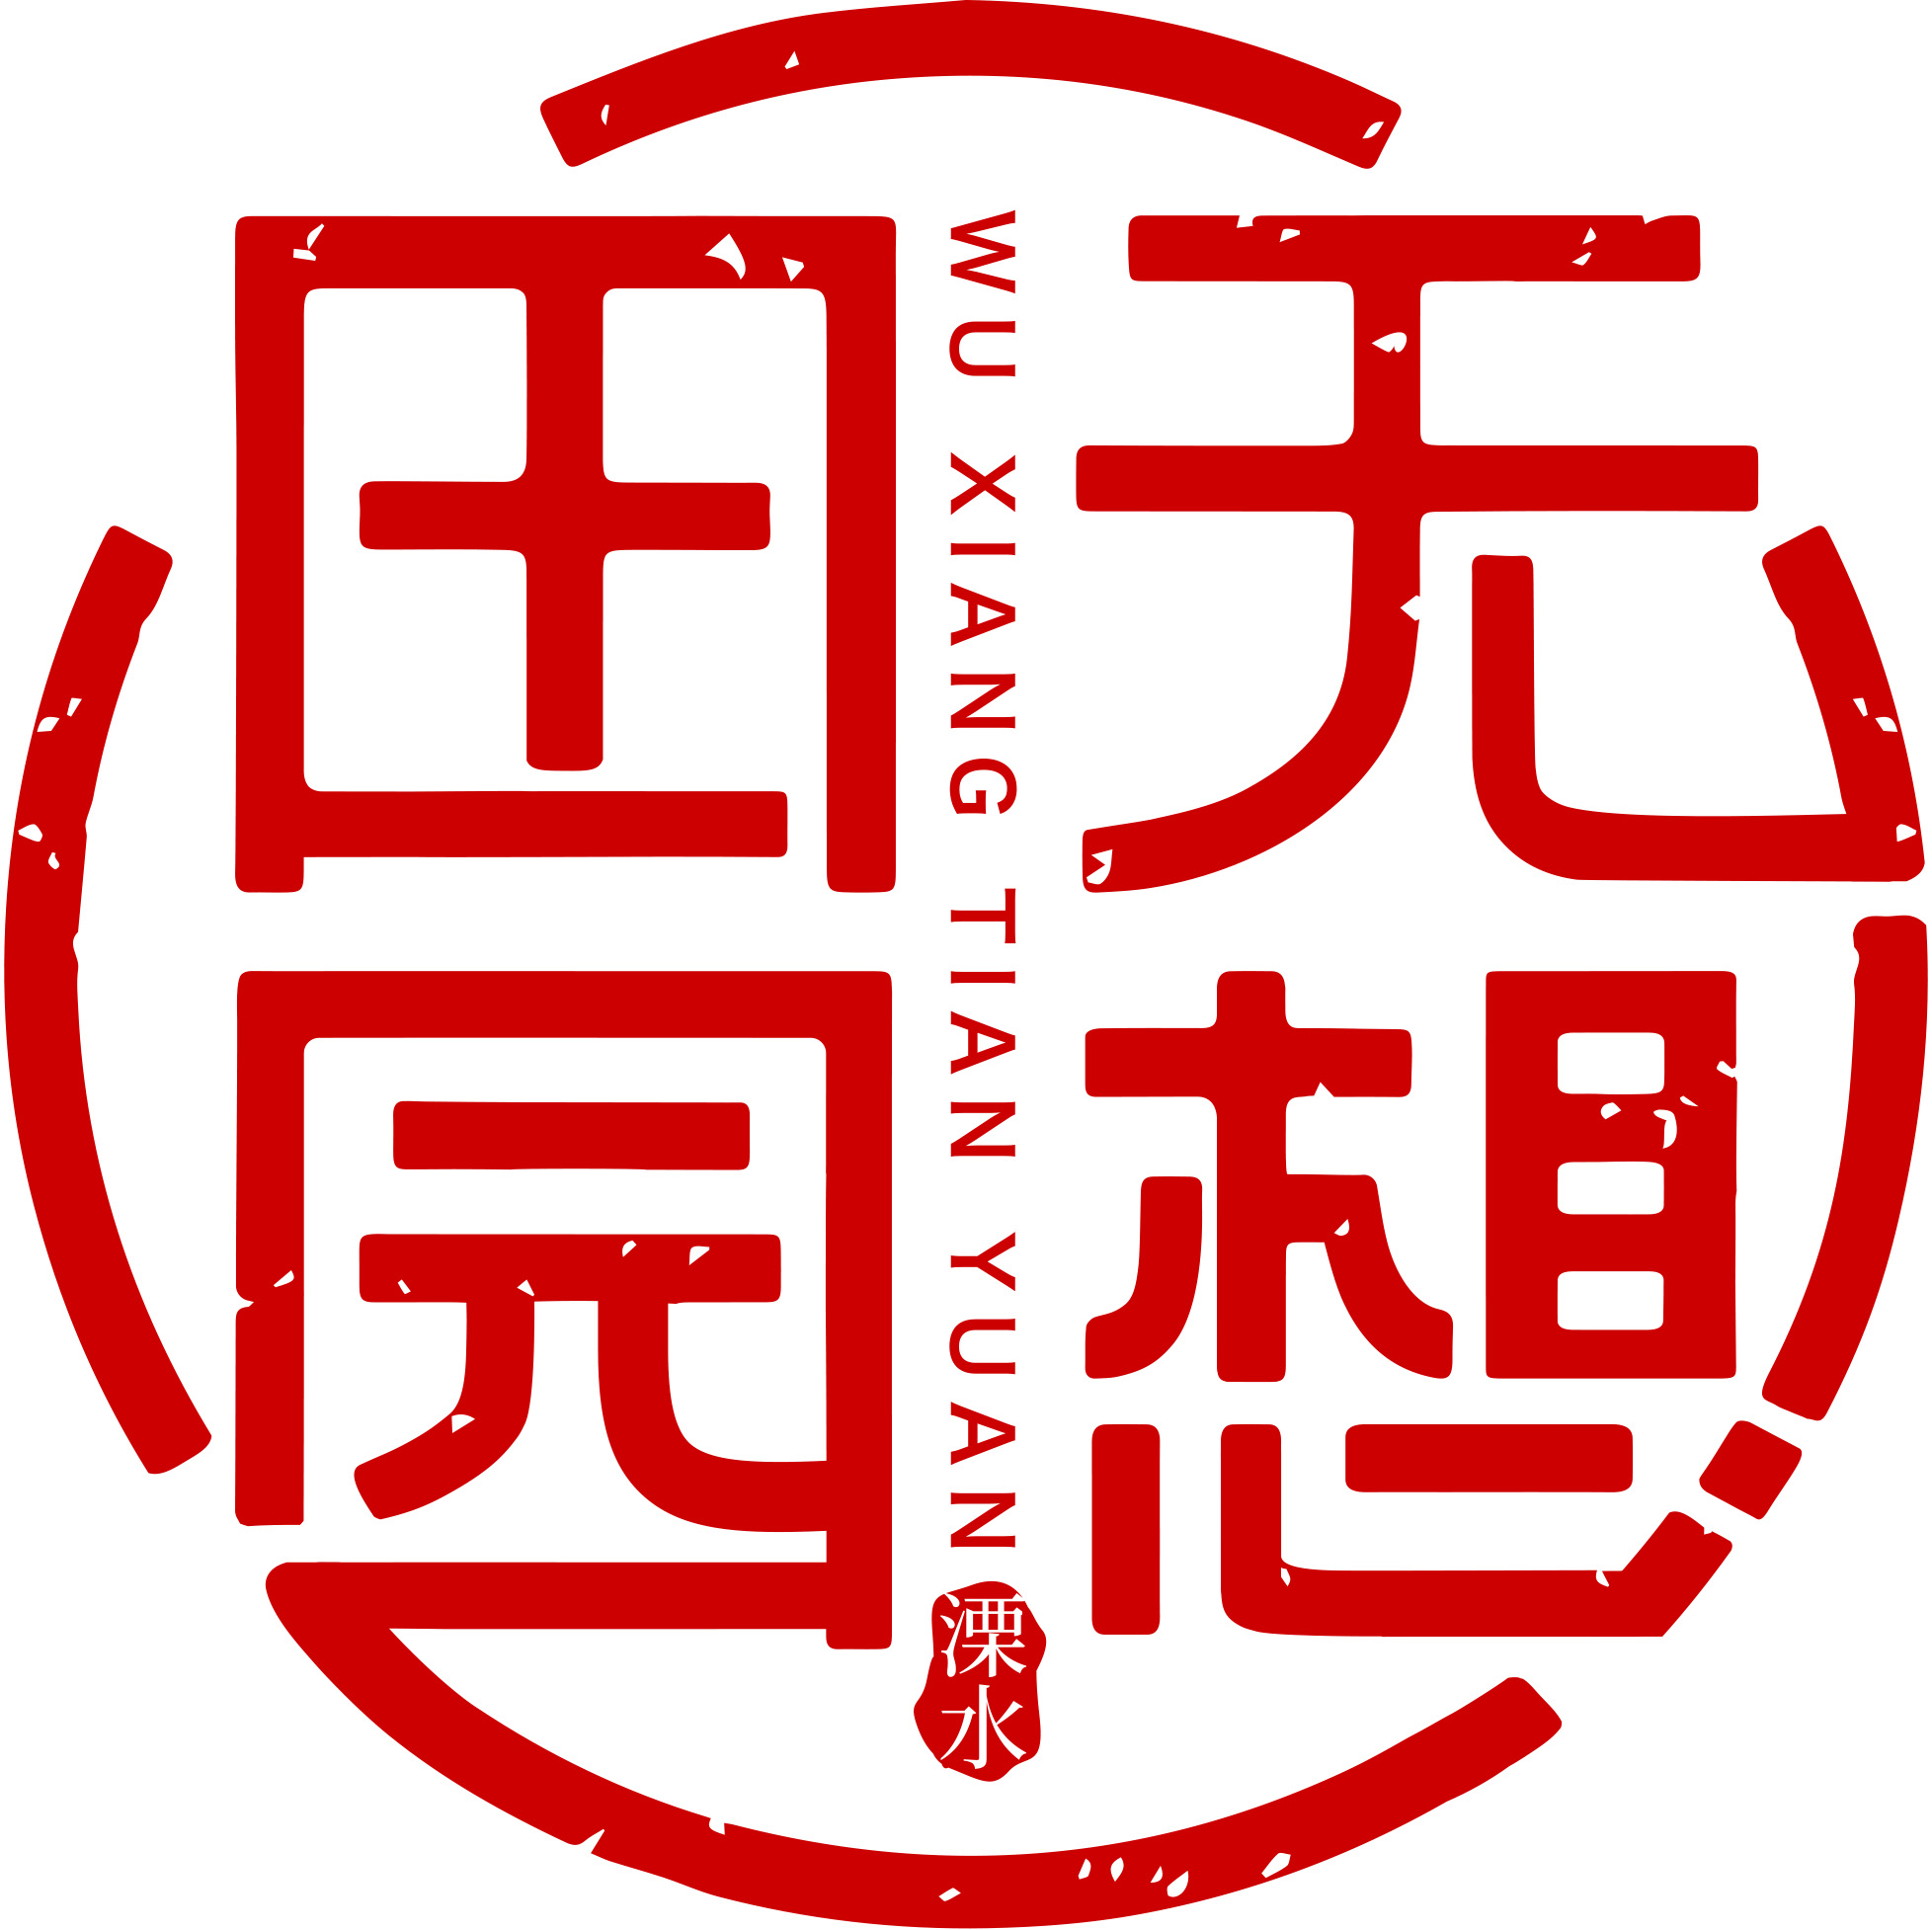 南京无想田园电子商务有限公司